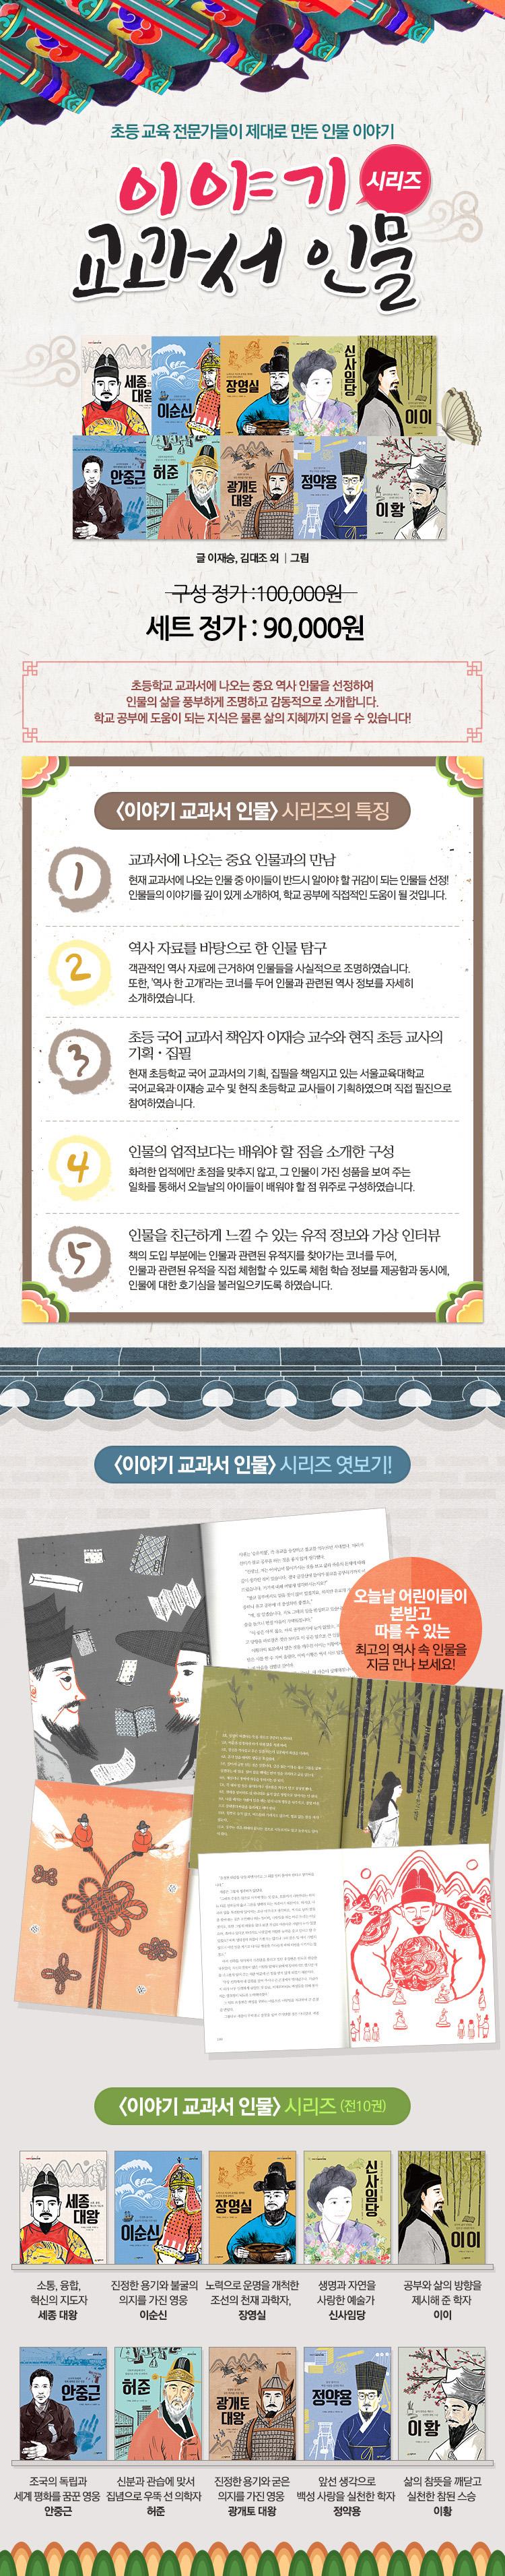 정가인하/이야기 교과서 인물 시리즈 10종 - 세진북, 90,000원, 교육완구, 학습교구